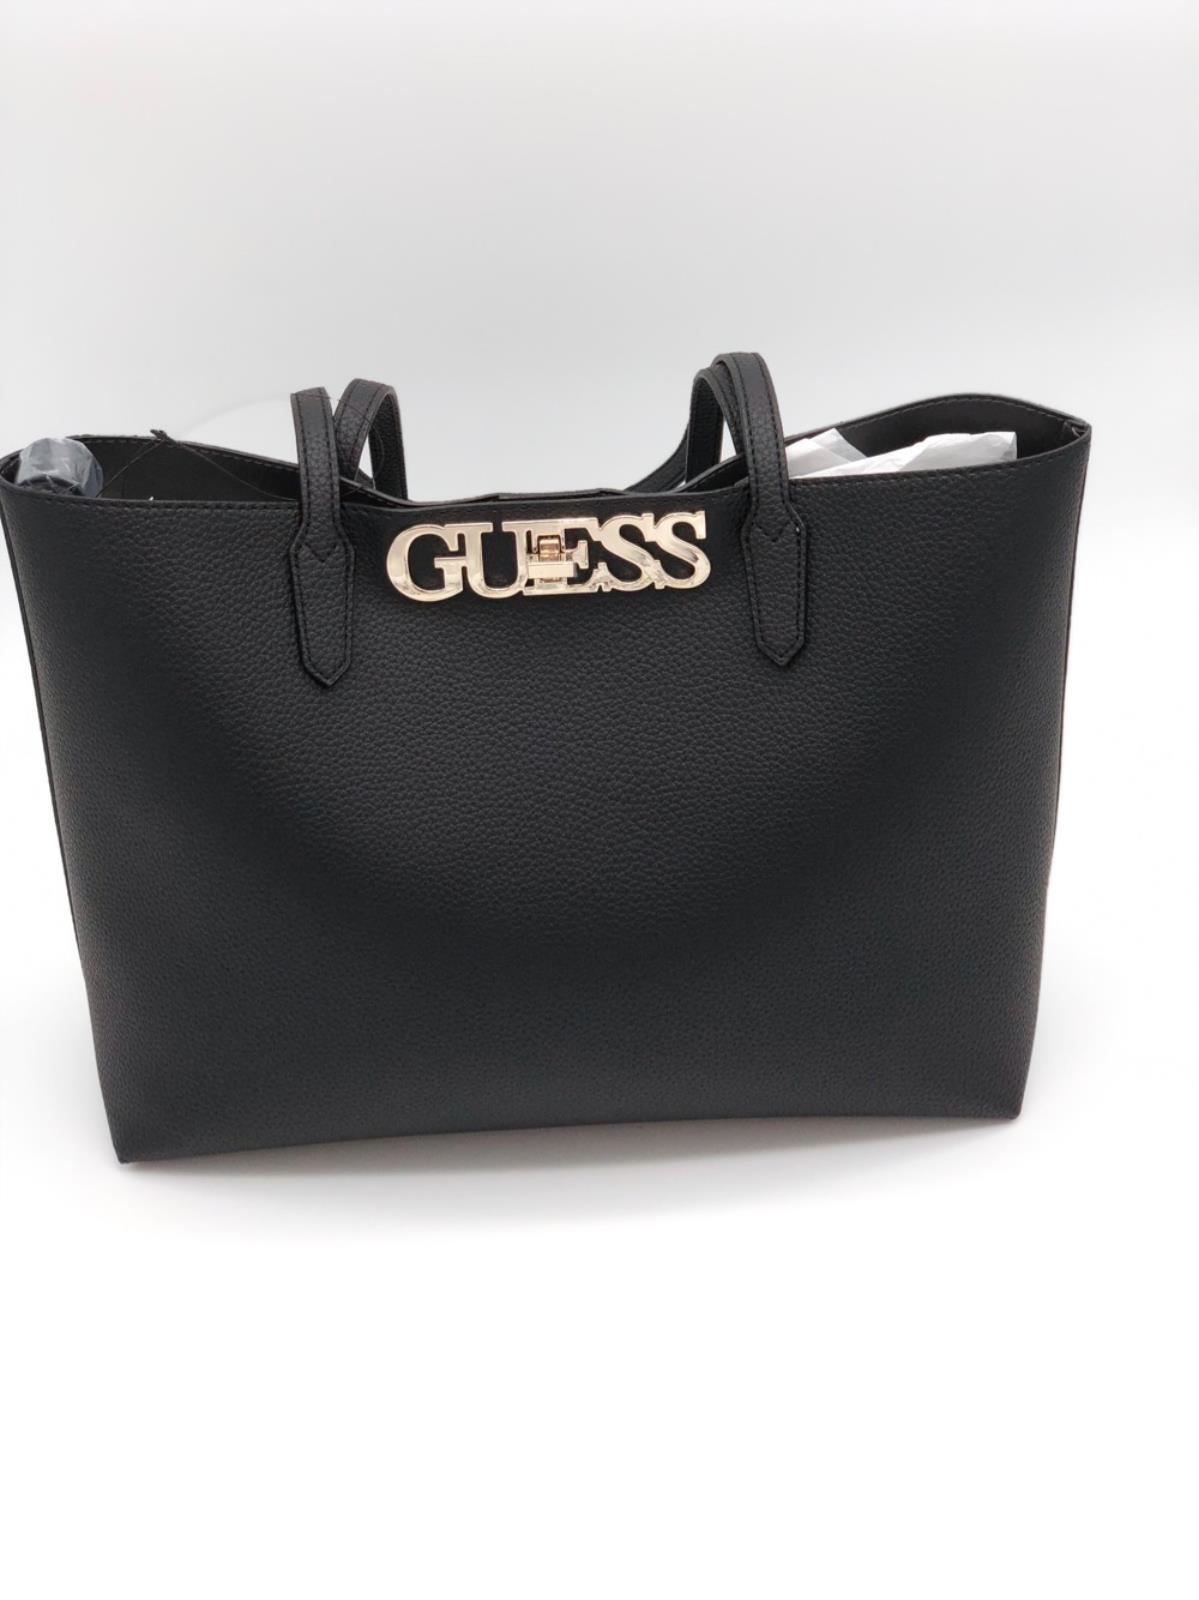 ufficiale aspetto estetico nuovi speciali GUESS Guess BORSA Borsa HWMG7301230 Hwmg7301230 HWMG7301230 ...